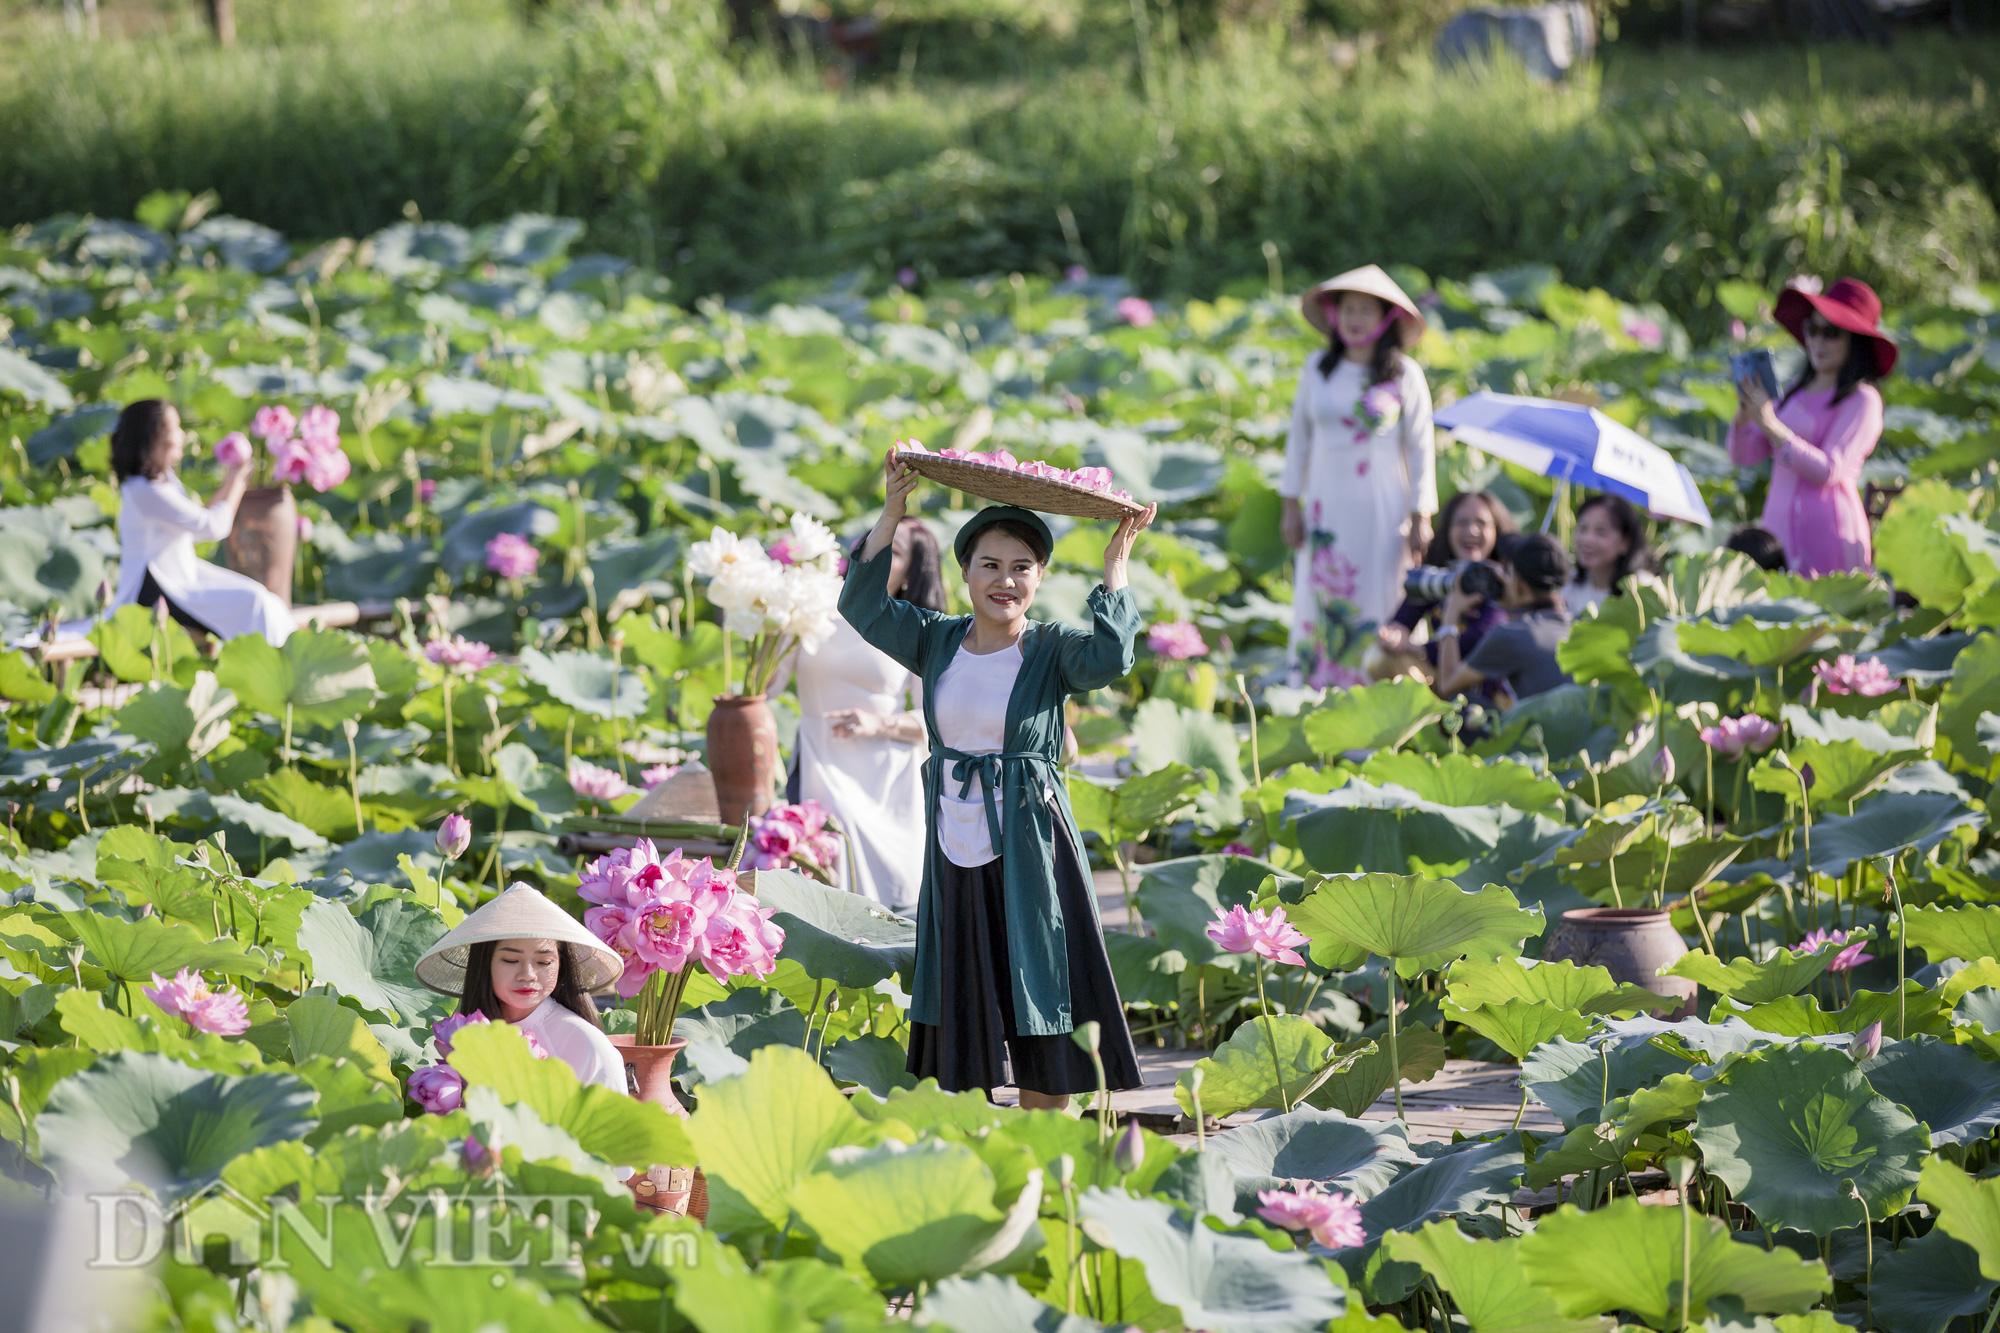 """Sen Hồ Tây bung nở, người dân Hà Thành đổ xô tới """"khoe sắc"""" - Ảnh 6."""